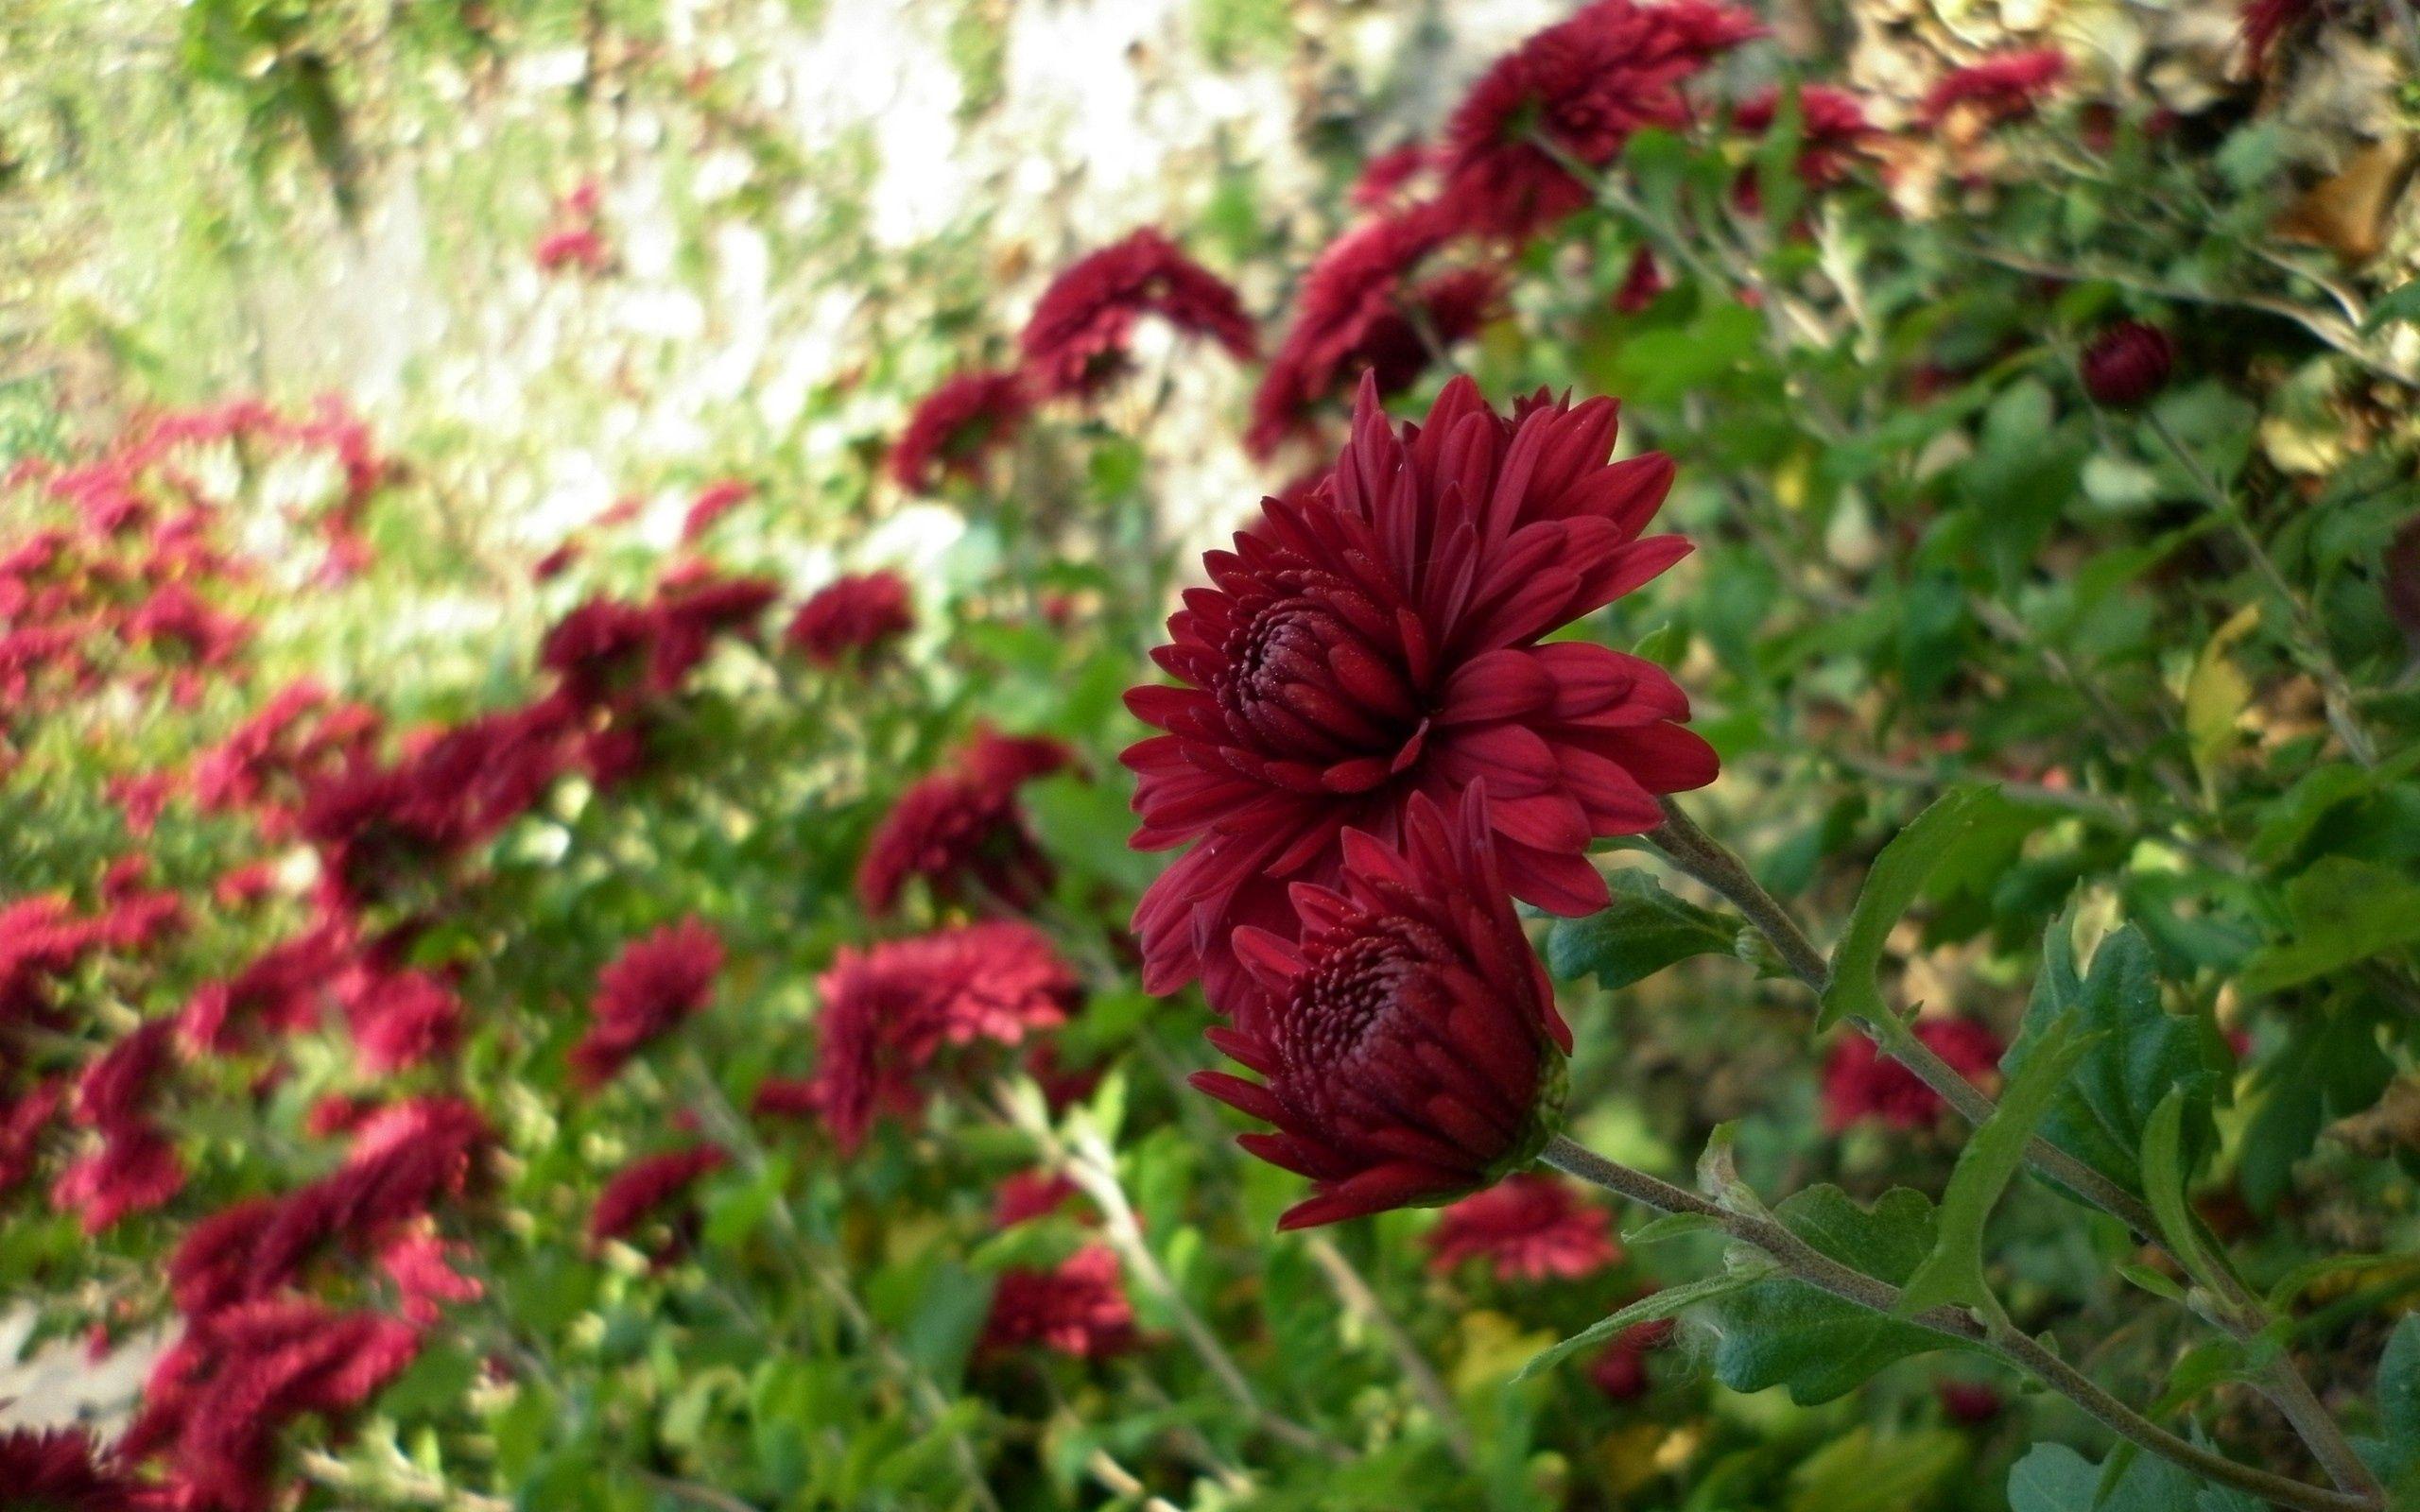 128243 скачать обои Цветы, Клумба, Сад, Зелень, Размытость, Хризантемы - заставки и картинки бесплатно